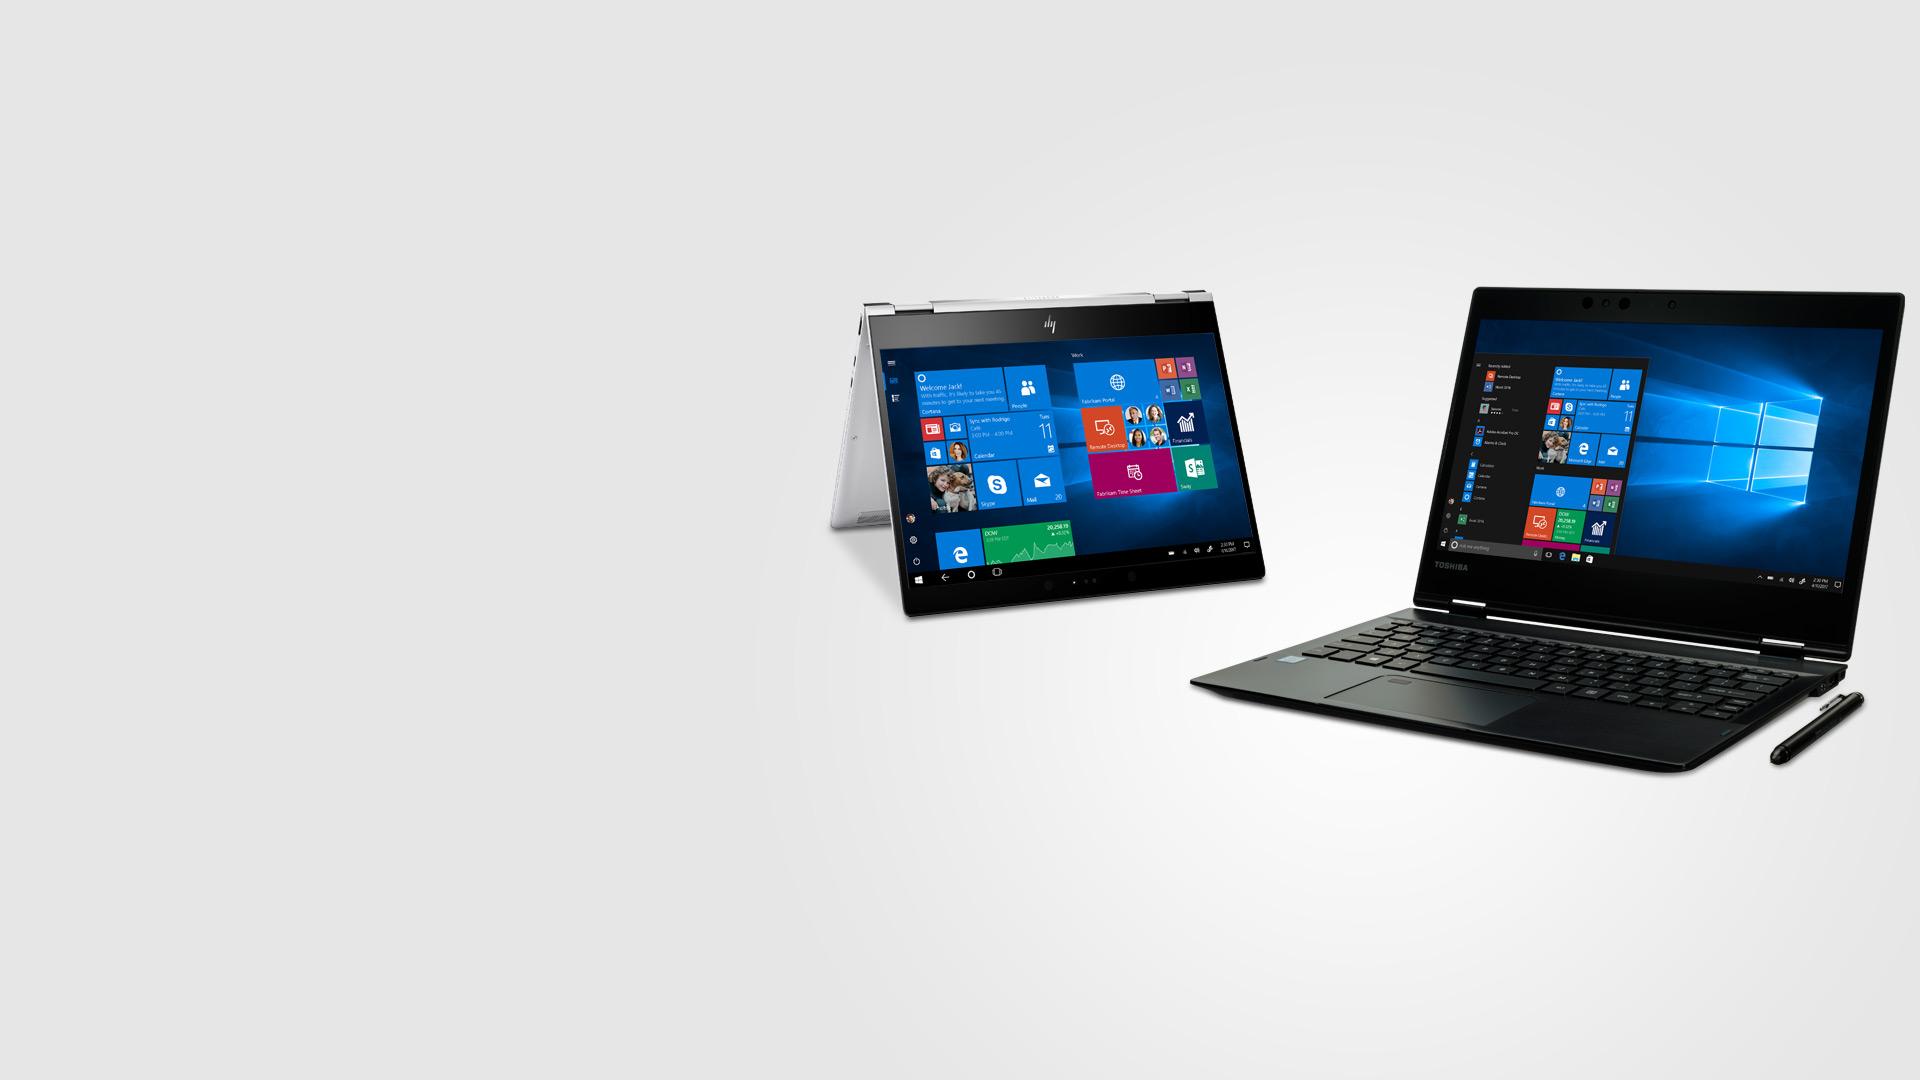 Two Windows 10 Pro laptops displaying Windows 10